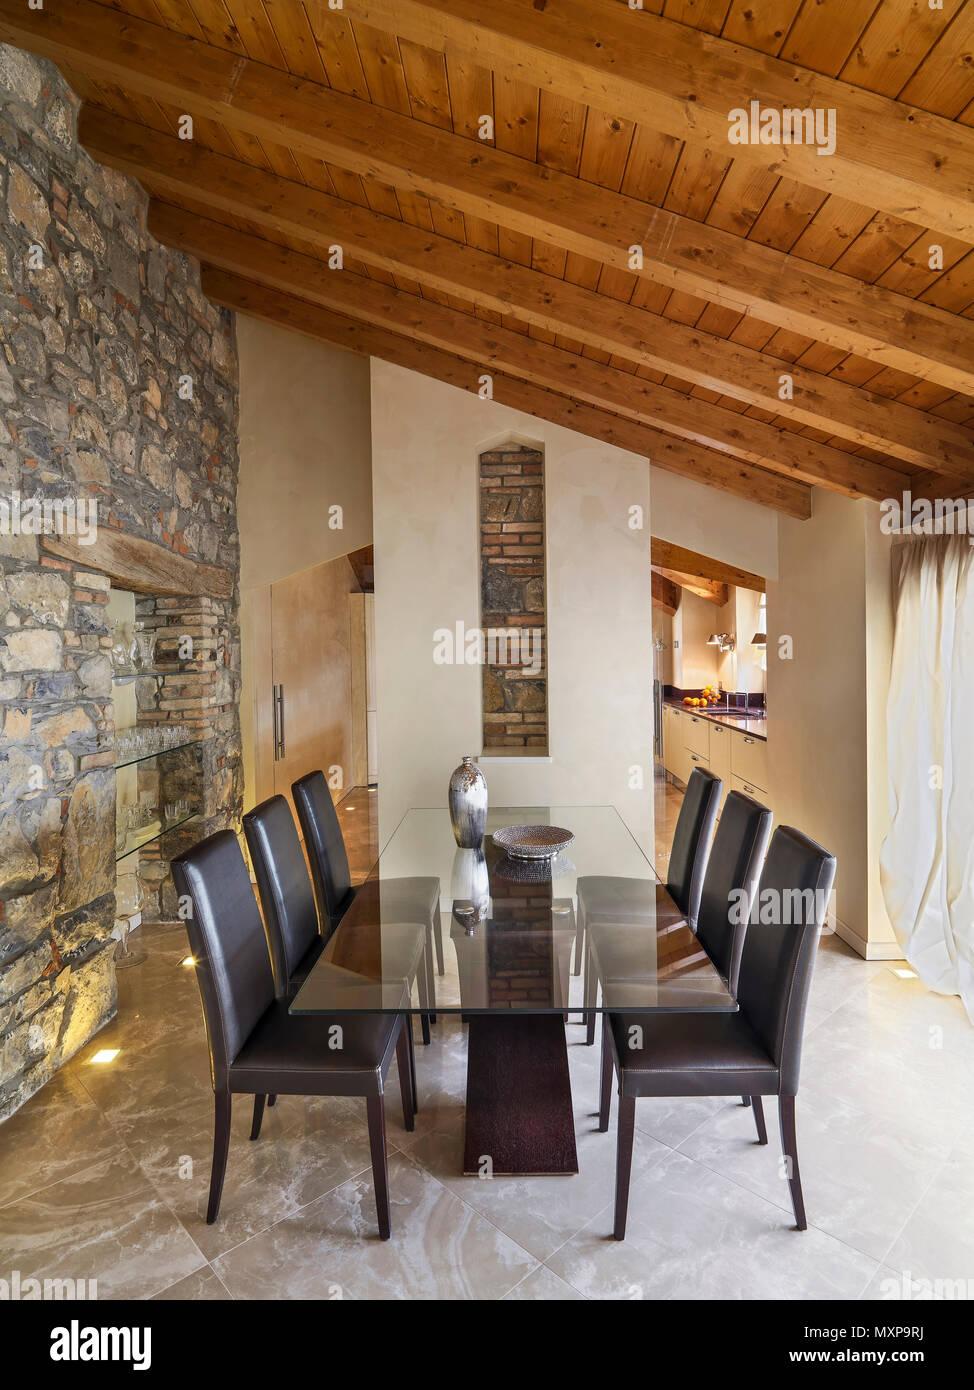 Intérieur salle à manger au premier plan la table à manger en verre avec des chaises en cuir brun le sol et le mur sont en pierre tandis que le plafond est Photo Stock